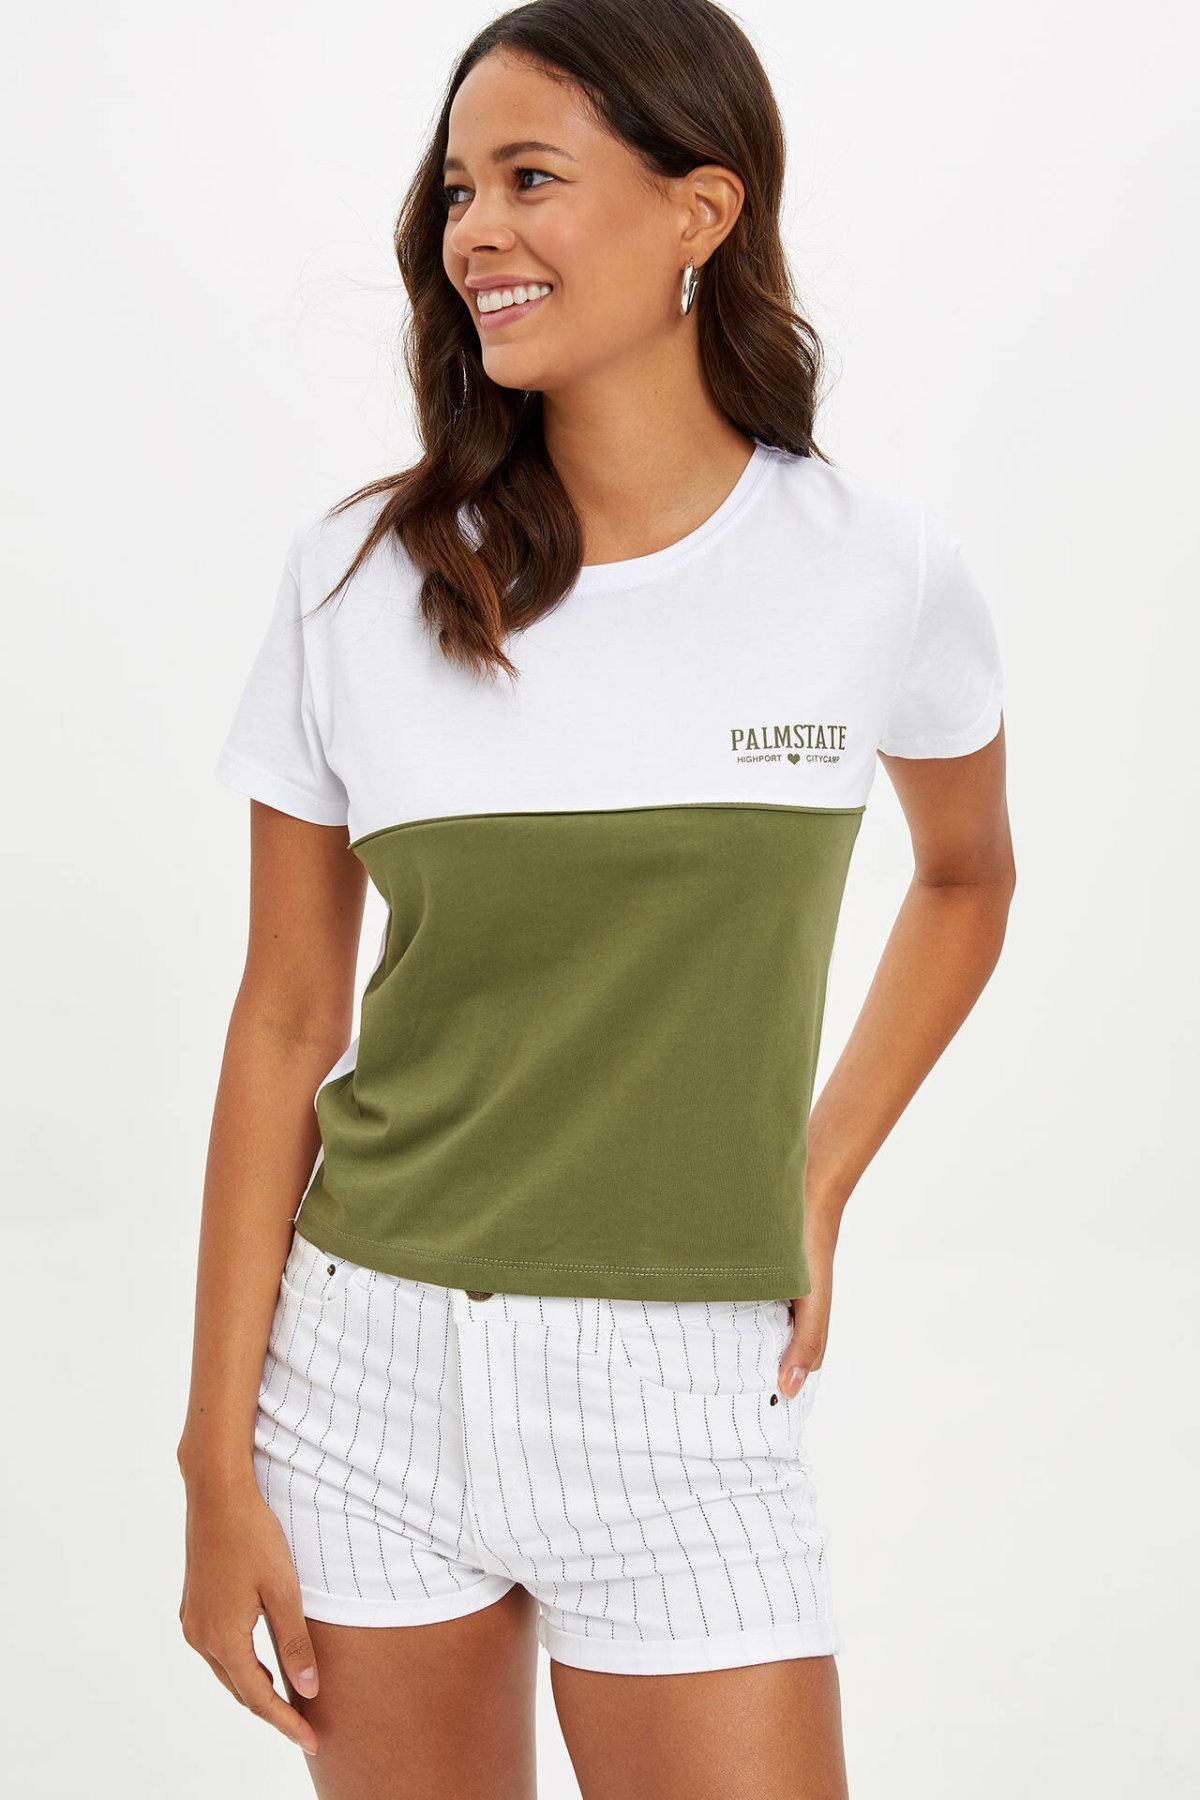 DeFacto Summer Women Striped High Waist Short Pants Female Cotton Casual Simple Short Simple Bottoms - M4729AZ19HS